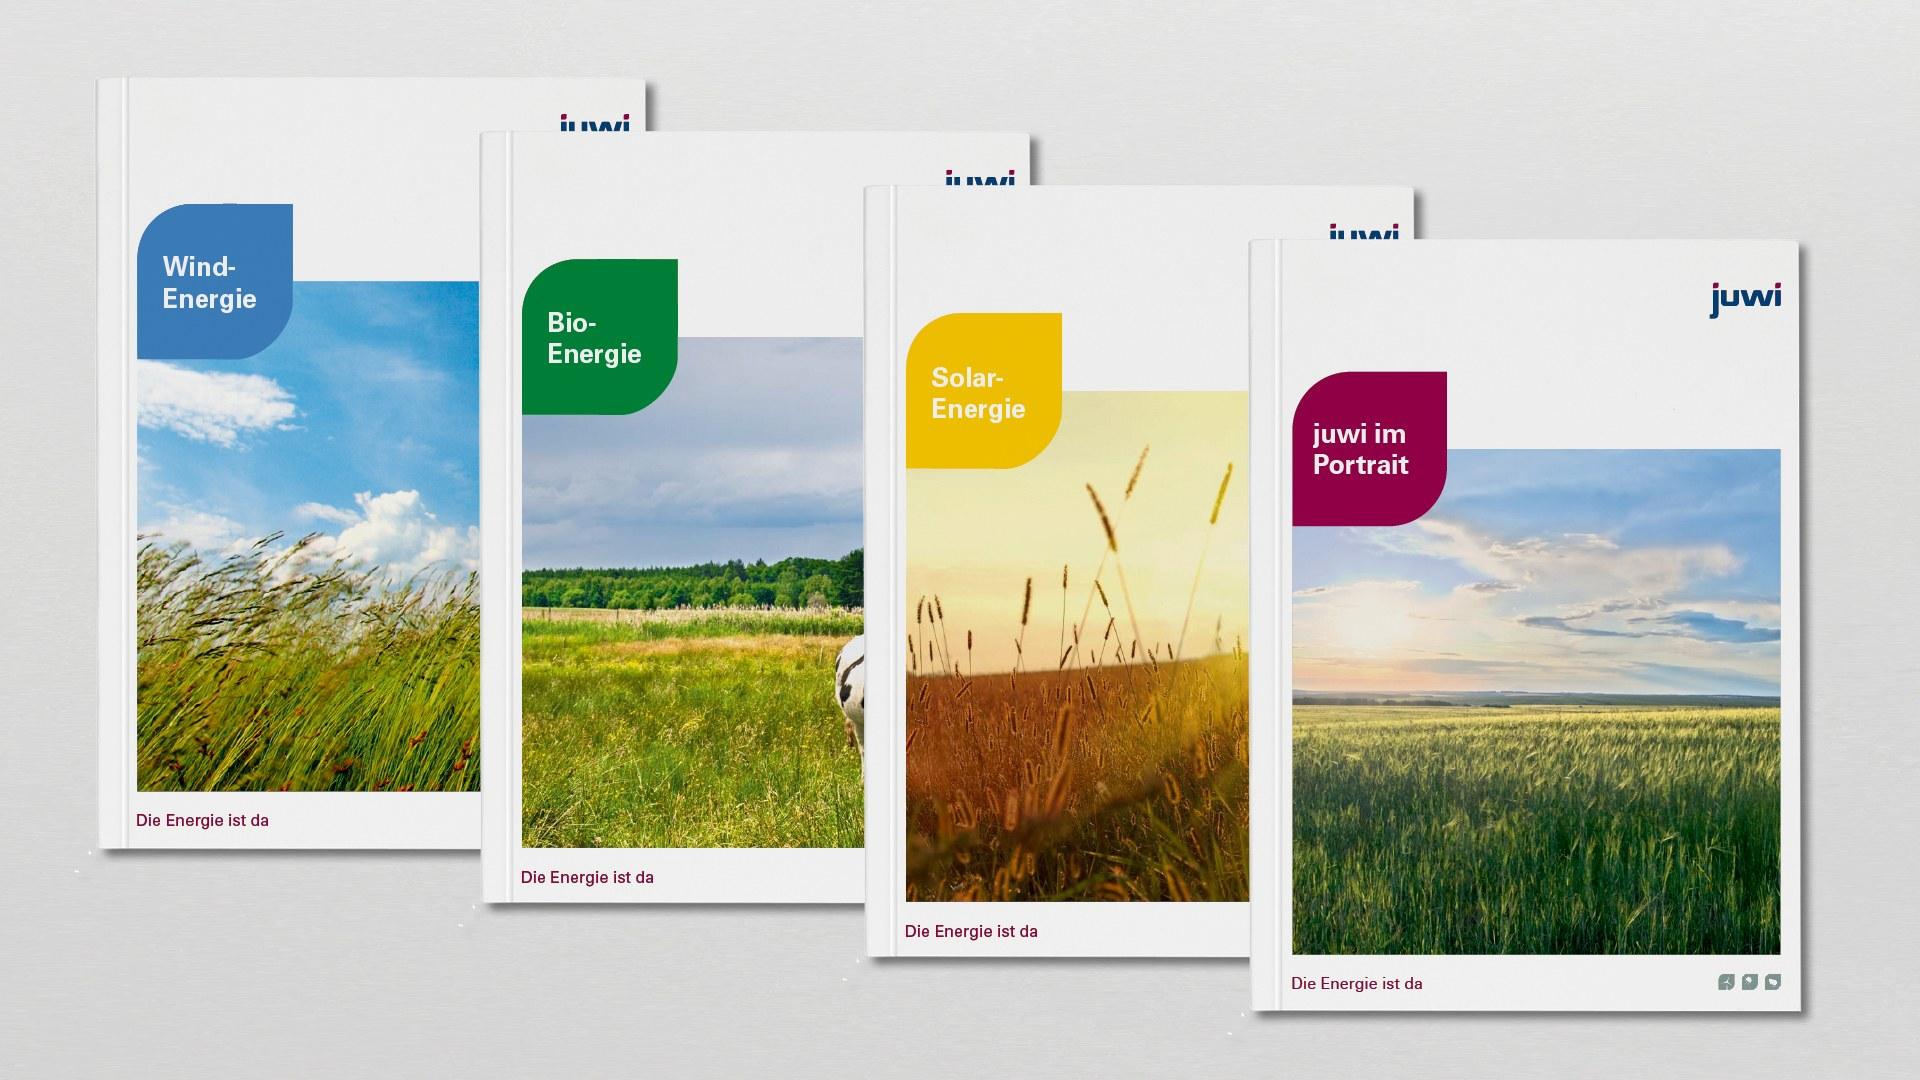 Juwi Broschüren für die Bereiche Solar-, Wind- und Bioenergie